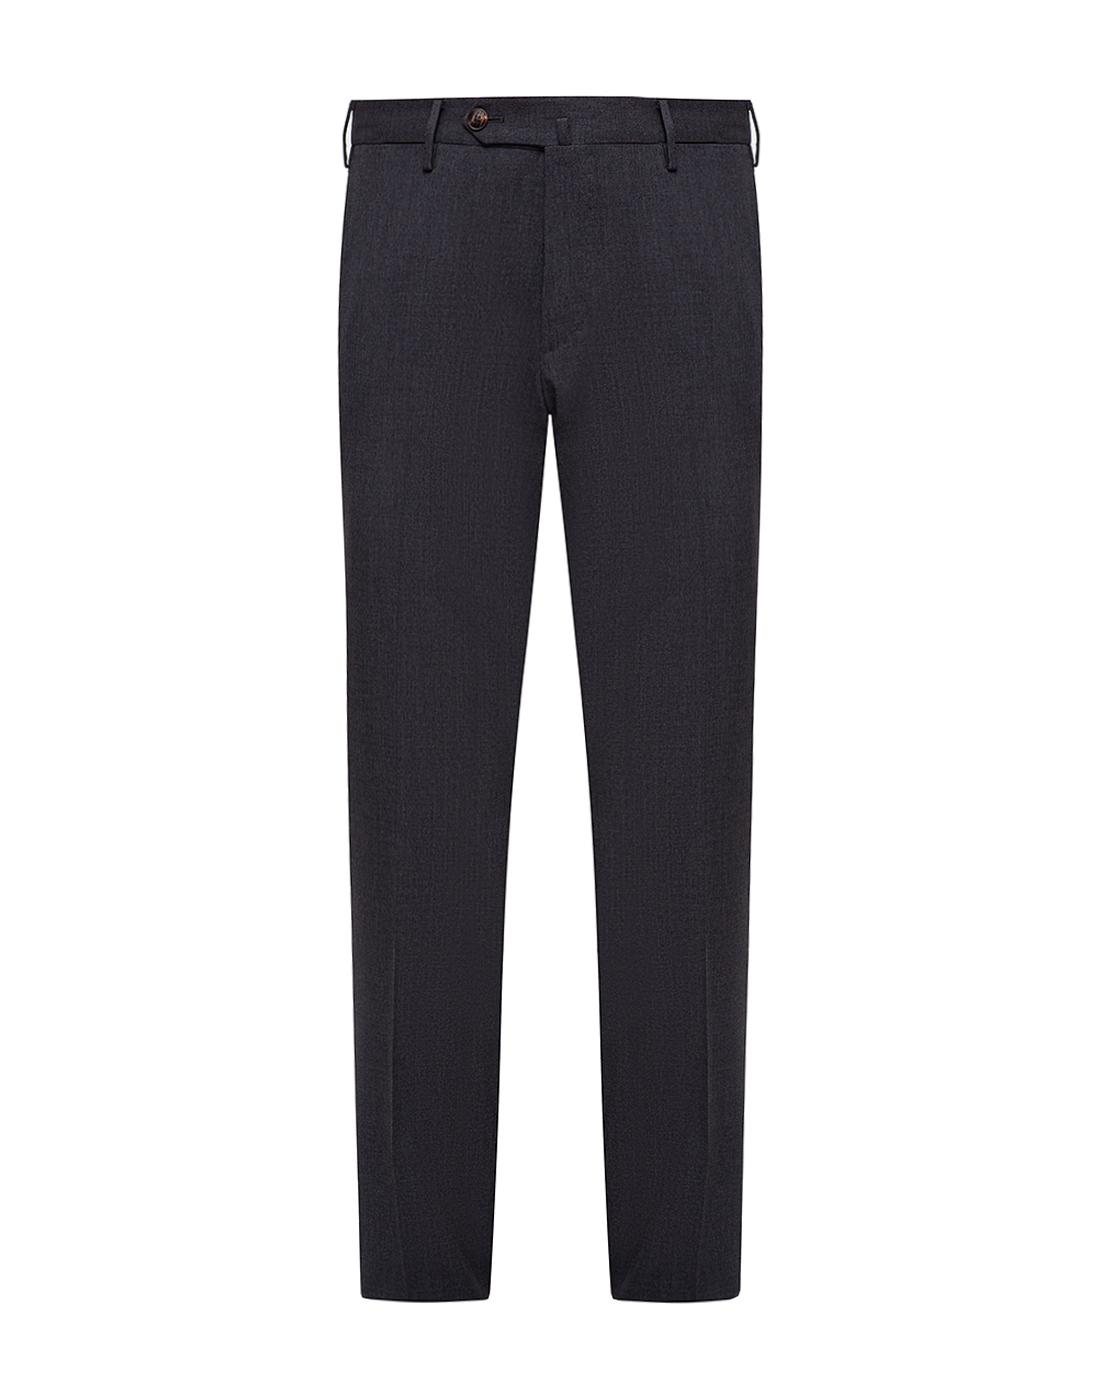 Мужские серые шерстяные брюки PT STO28 0240-1